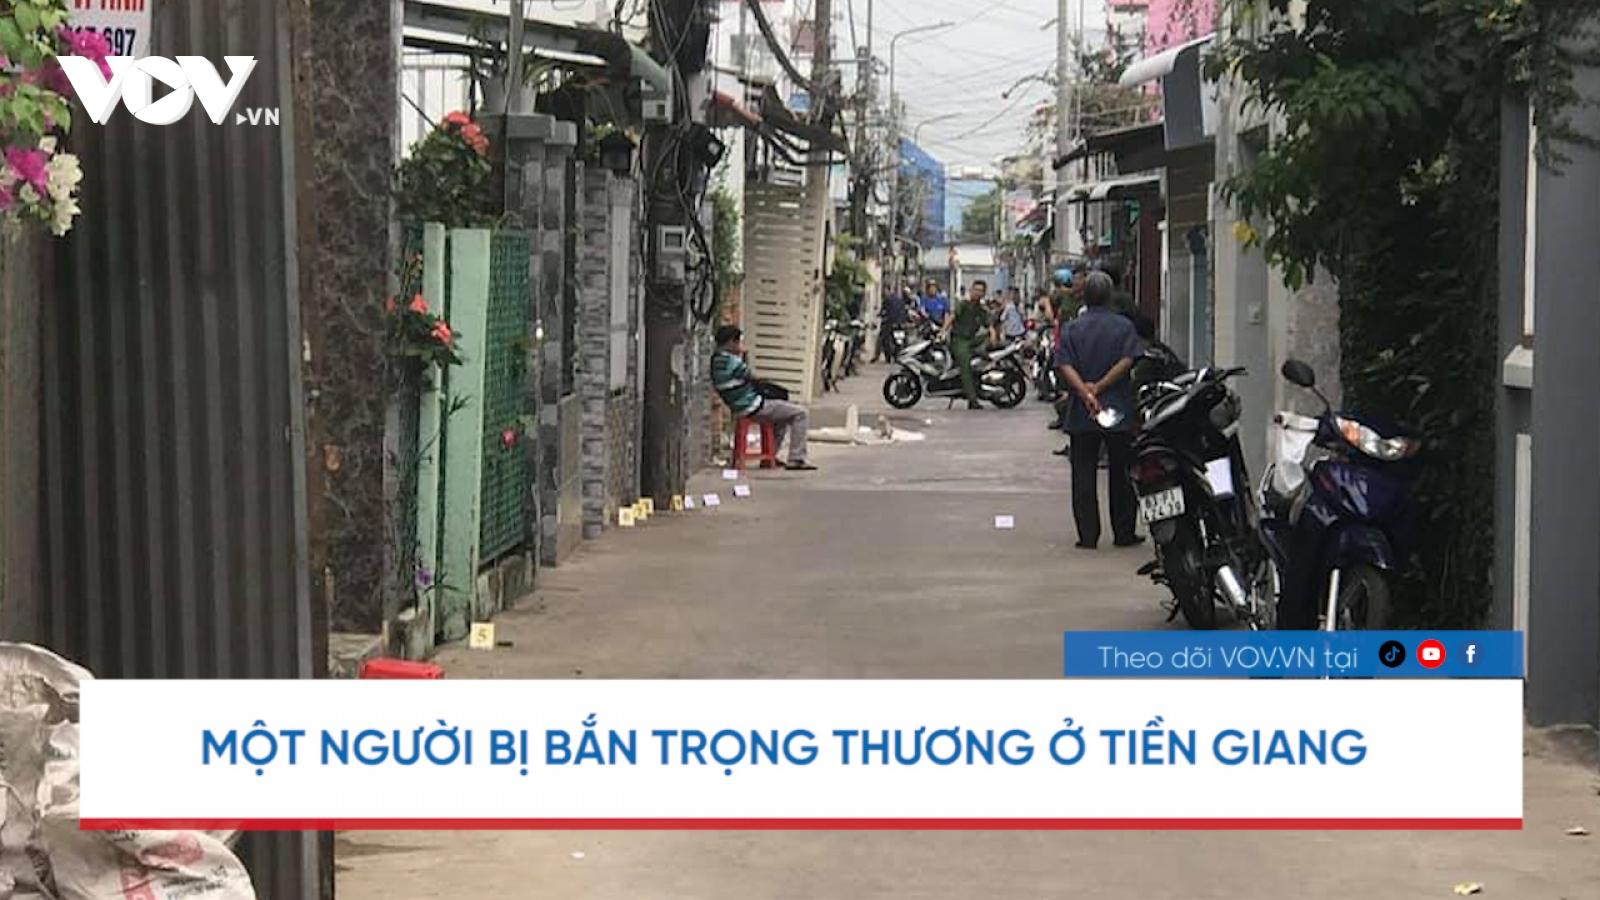 Nóng 24h: Nổ súng trong đêm ở Tiền Giang, 1 người trọng thương